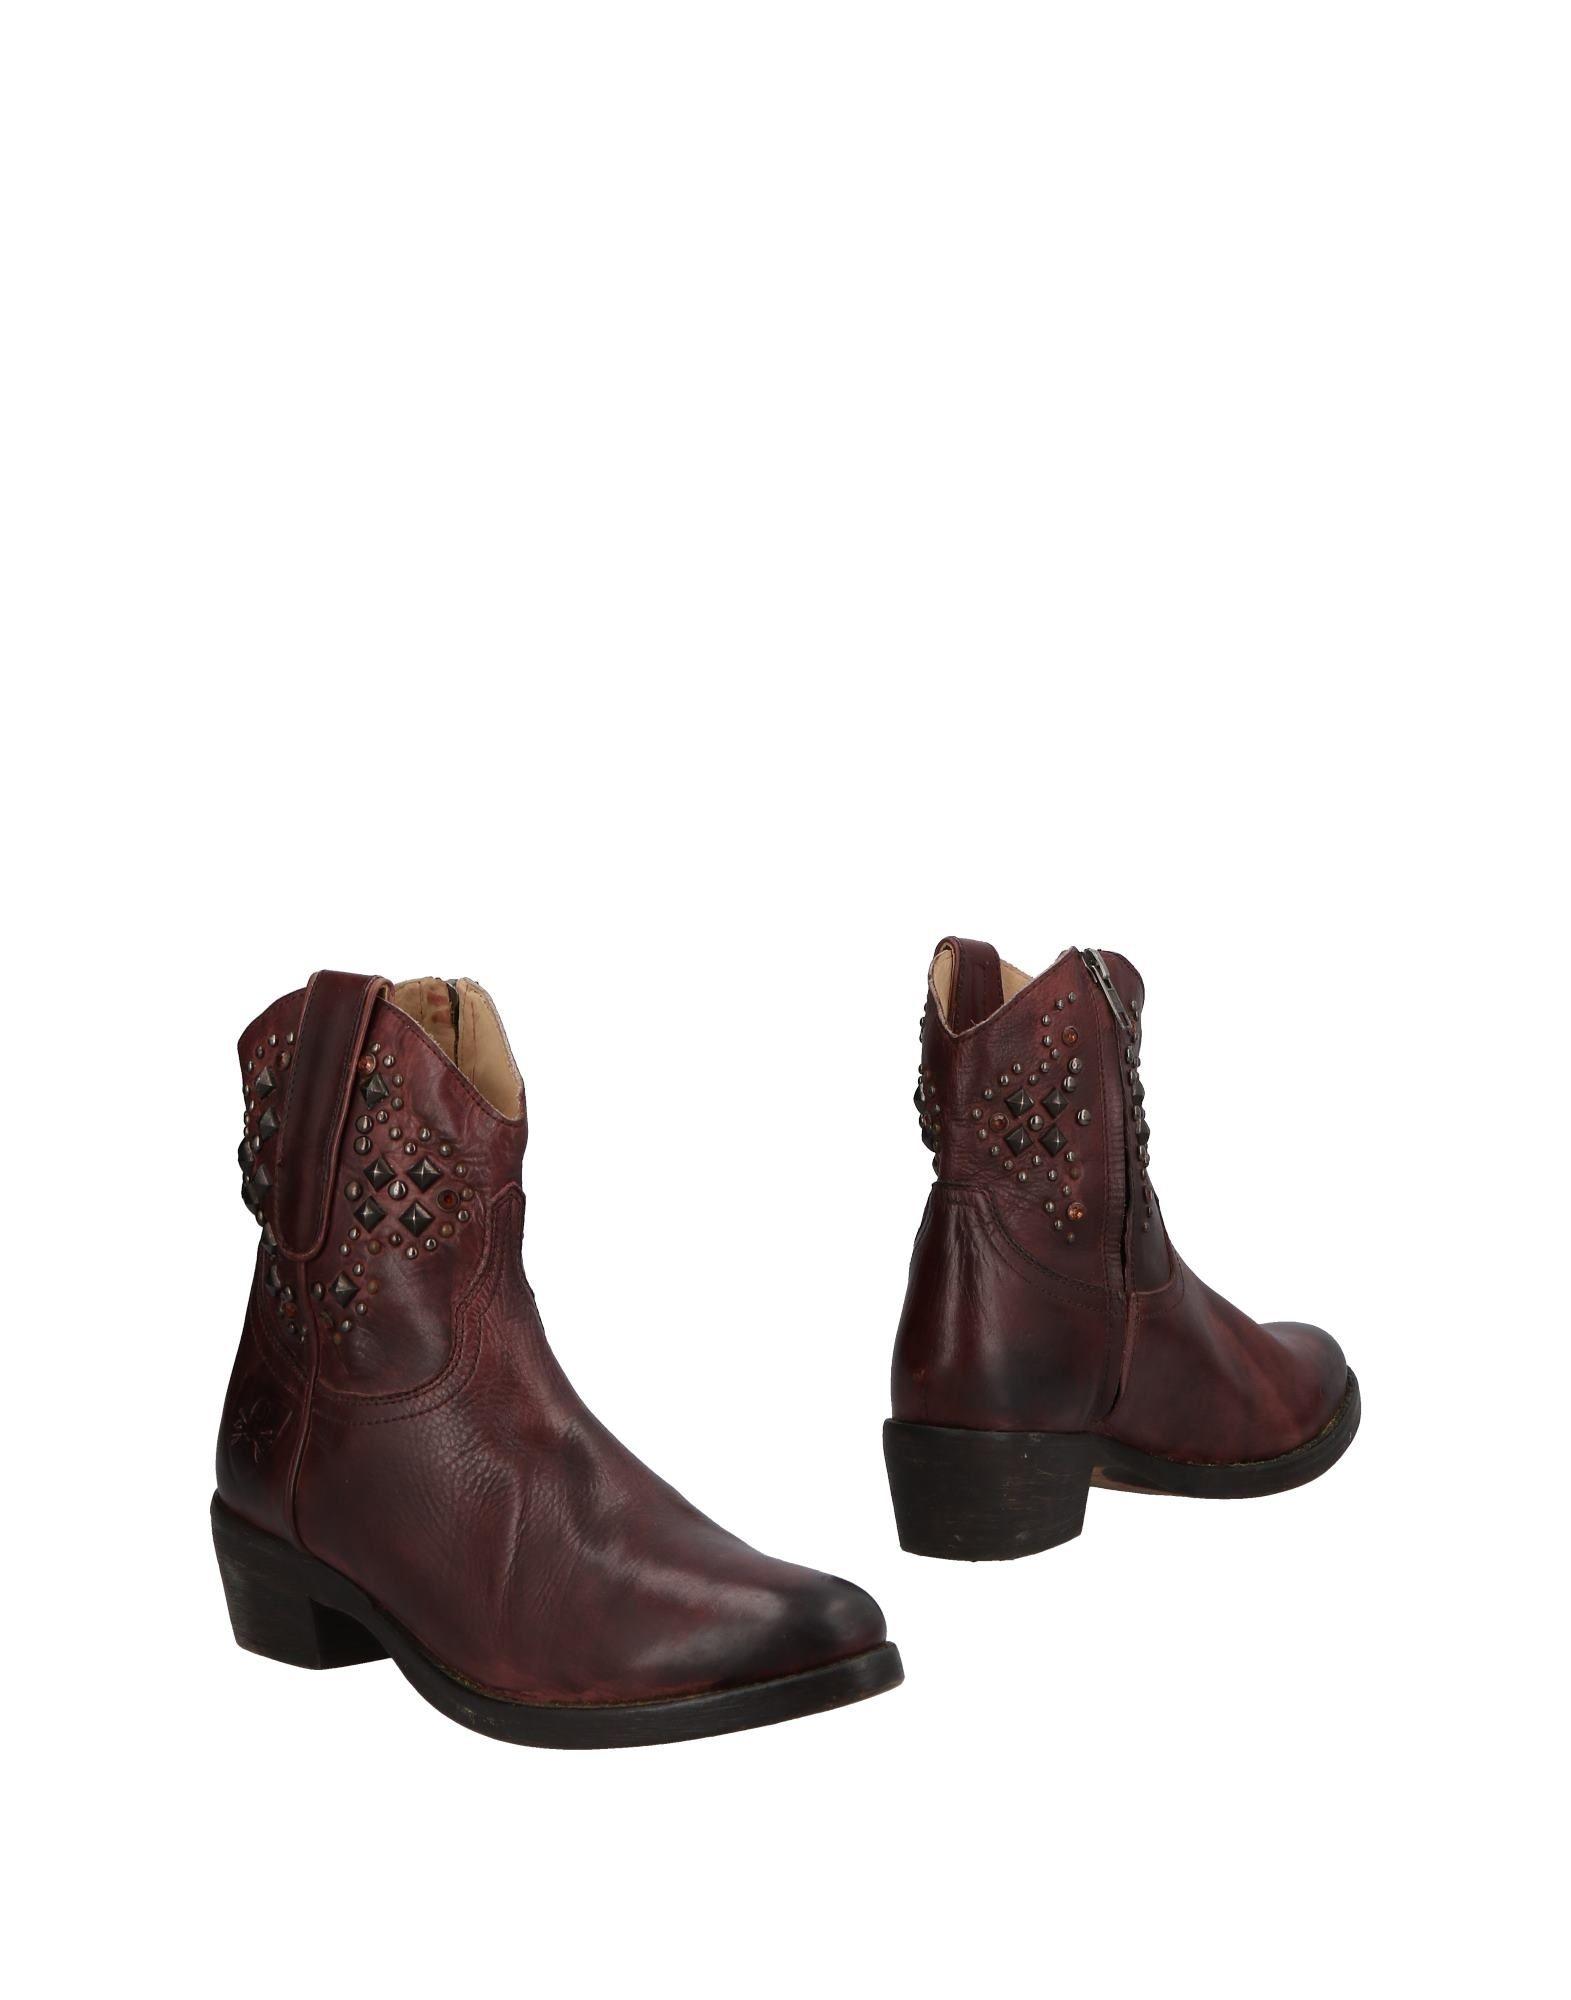 Stilvolle billige Stiefelette Schuhe Mr. Wolf Stiefelette billige Damen  11147458HR 153142